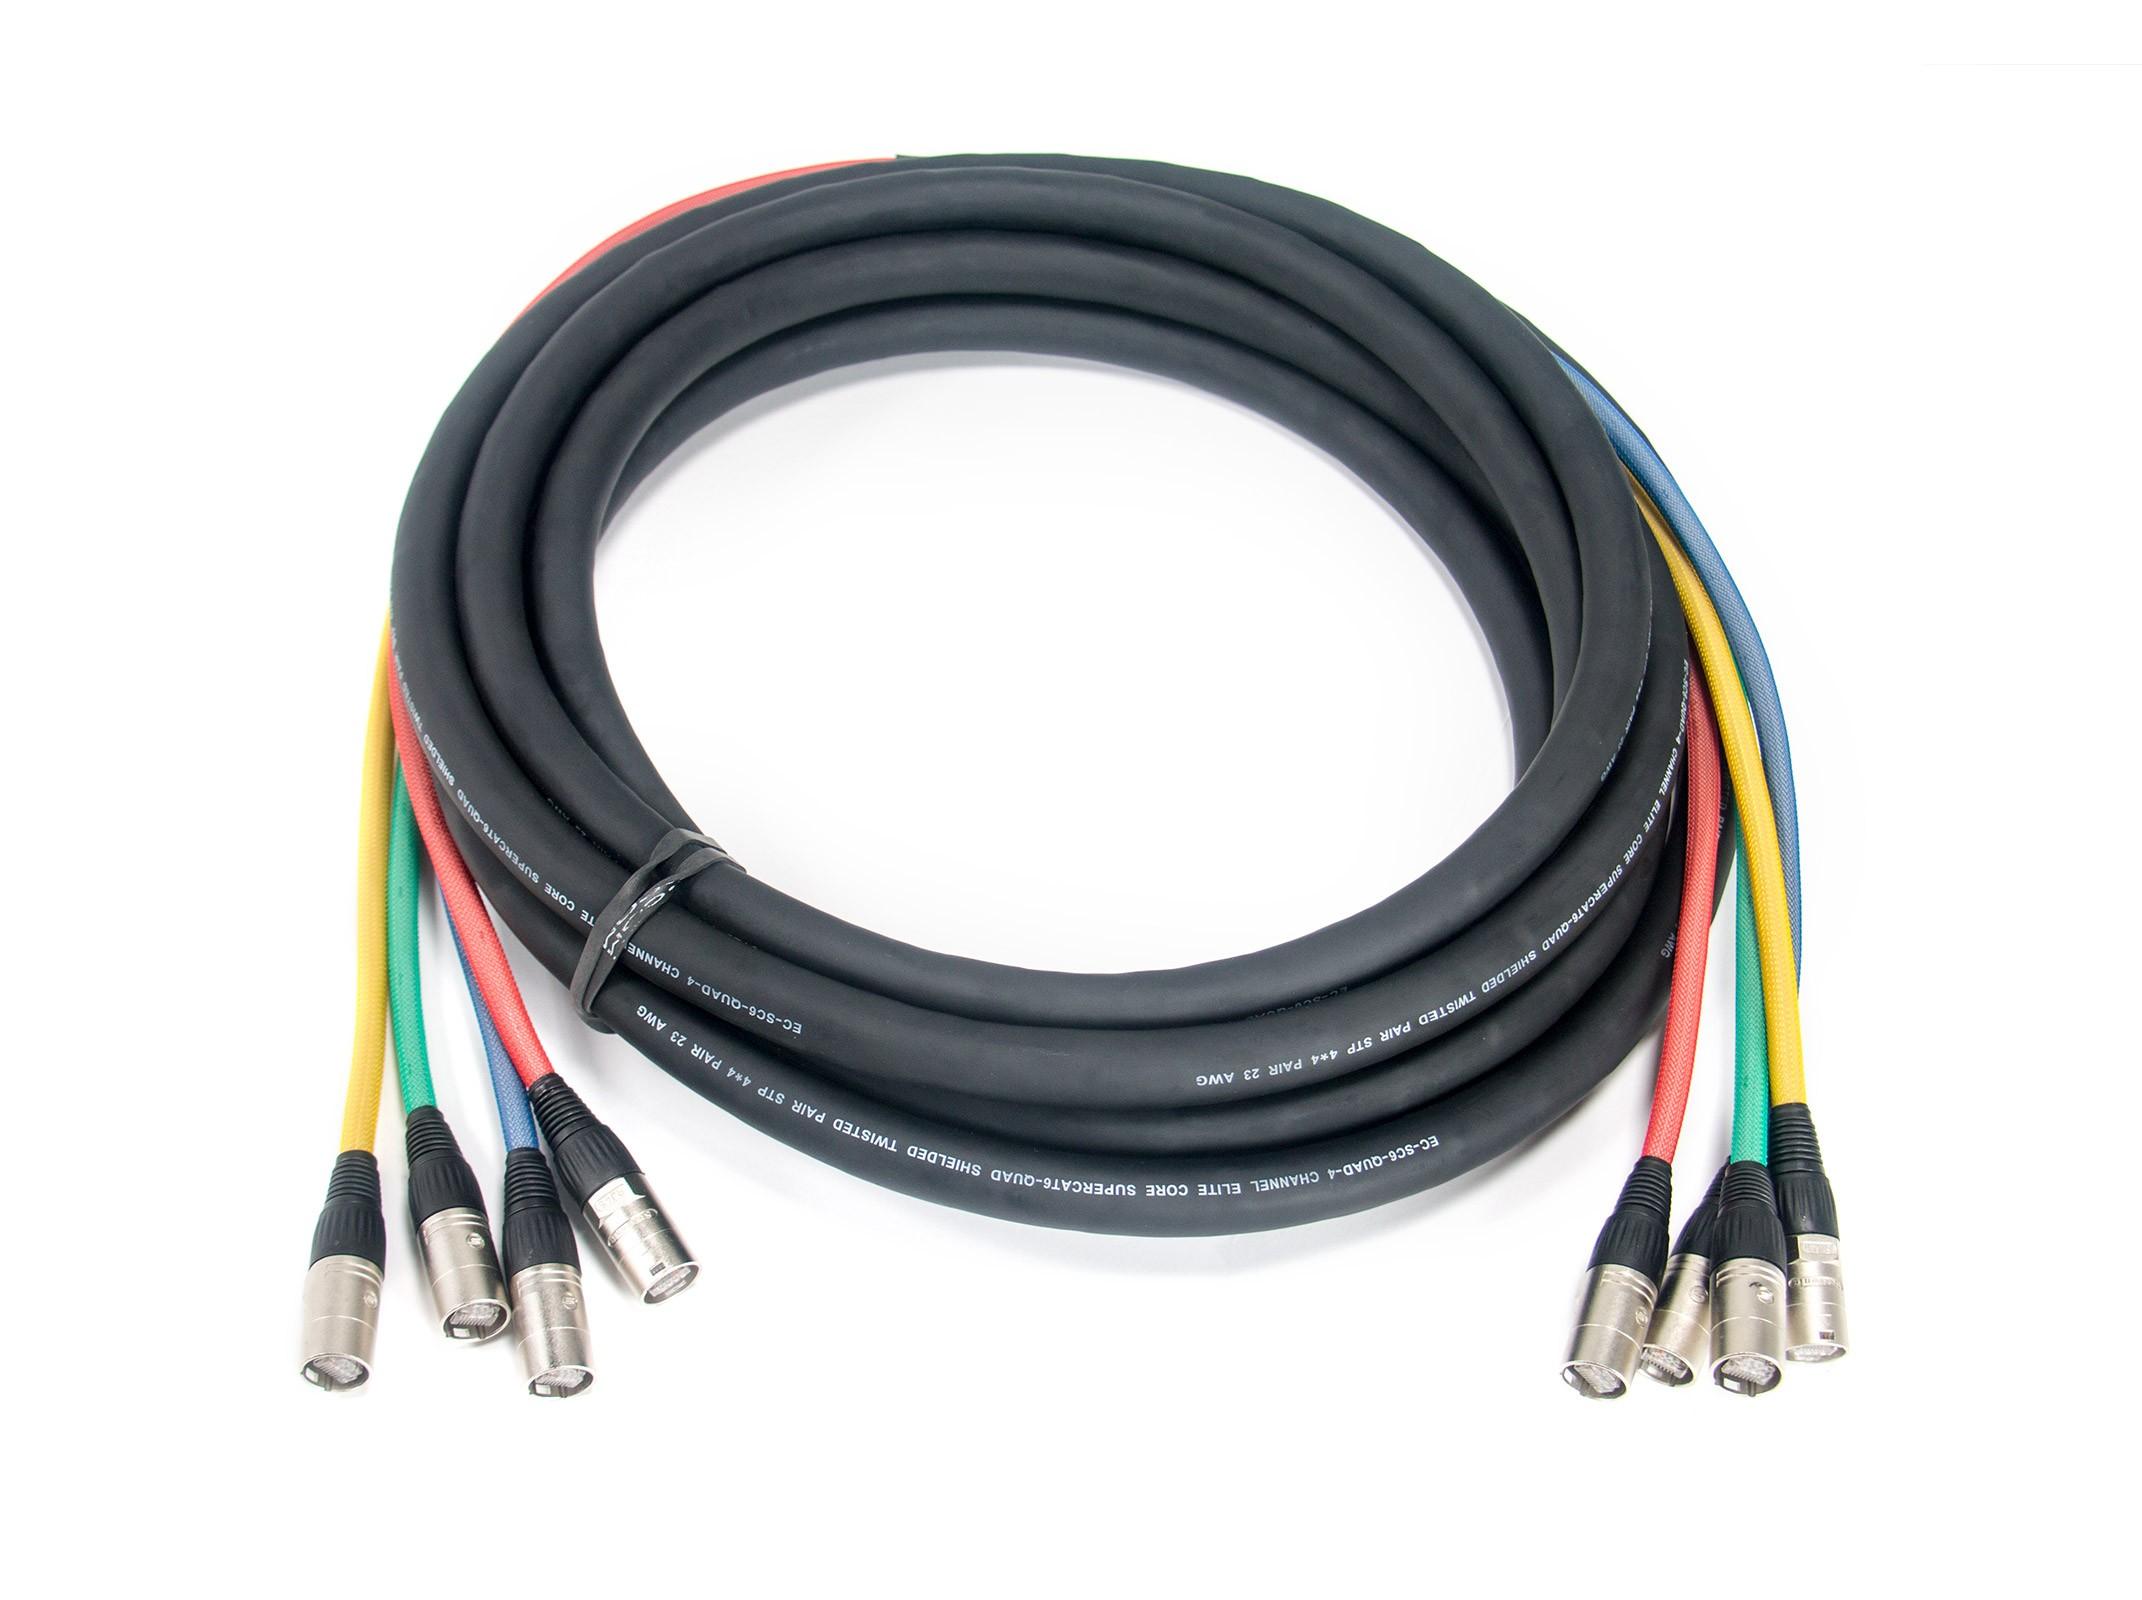 Elite Core Audio SUPERCAT6-QUAD-FAN 50 ft Shielded Quad CAT6 Cable with 2 ft Fantails and Tactical Lock Ethernet Connectors SUPCAT6-QUAD-FAN-50